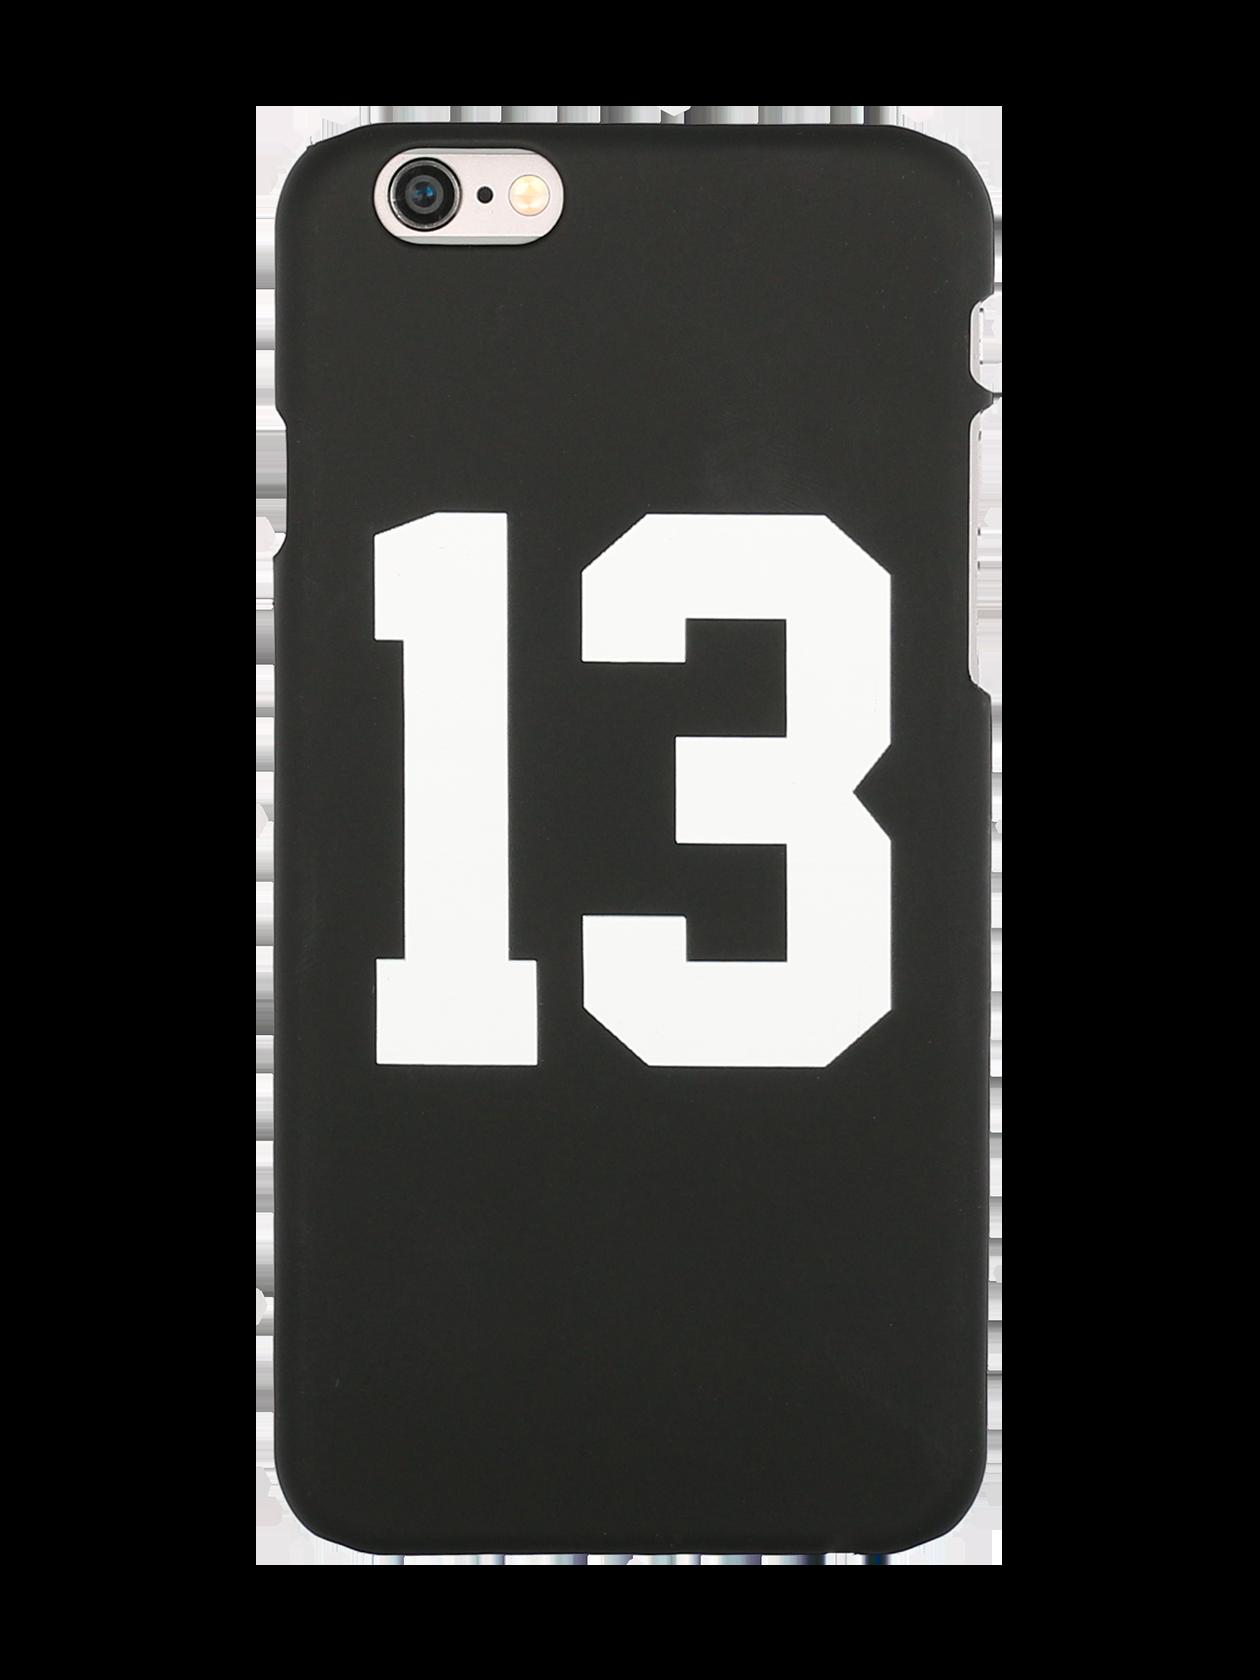 CASE FOR PHONE 13 SPORTЧехол для телефона 13 Sport из коллекции Black Star Wear для завершения стильного образа. Аксессуар выполнен из прочного пластика, защищающего гаджет от сколов и царапин. Изделие в виде задней стенки мобильного устройства отлично повторяет контуры корпуса, препятствуя попаданию пыли. Лаконичный дизайн, черная матовая поверхность с принтом «13» по центру.<br><br>size: 7<br>color: Black<br>gender: unisex